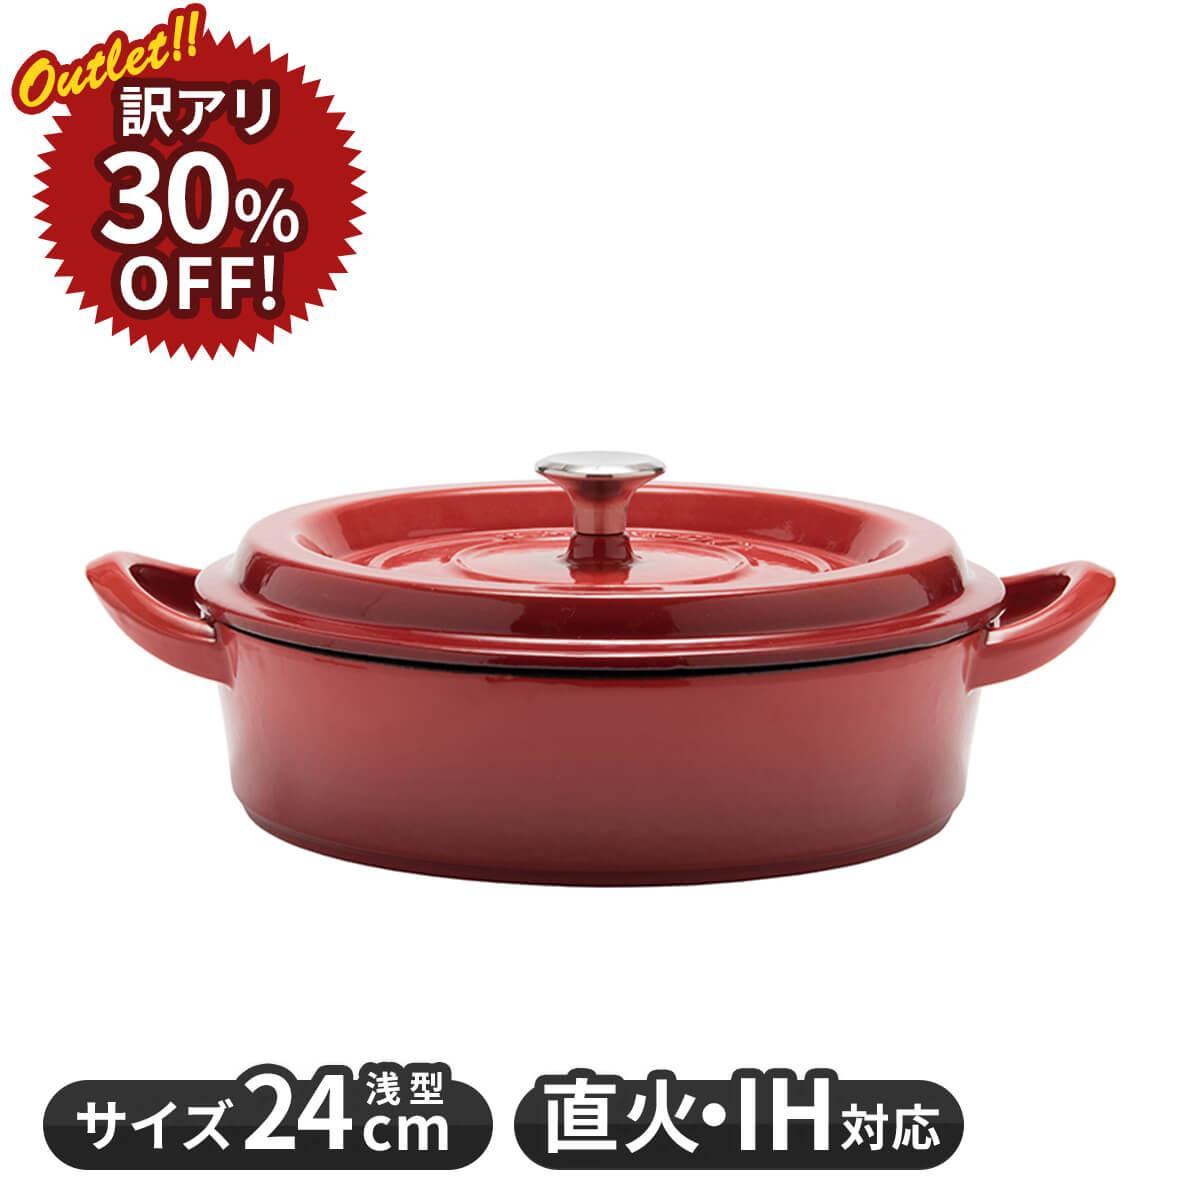 【アウトレットセール30%オフ/訳あり】グッドプラス キャストポット24�浅型レッド(鉄鋳物ホーロー鍋)